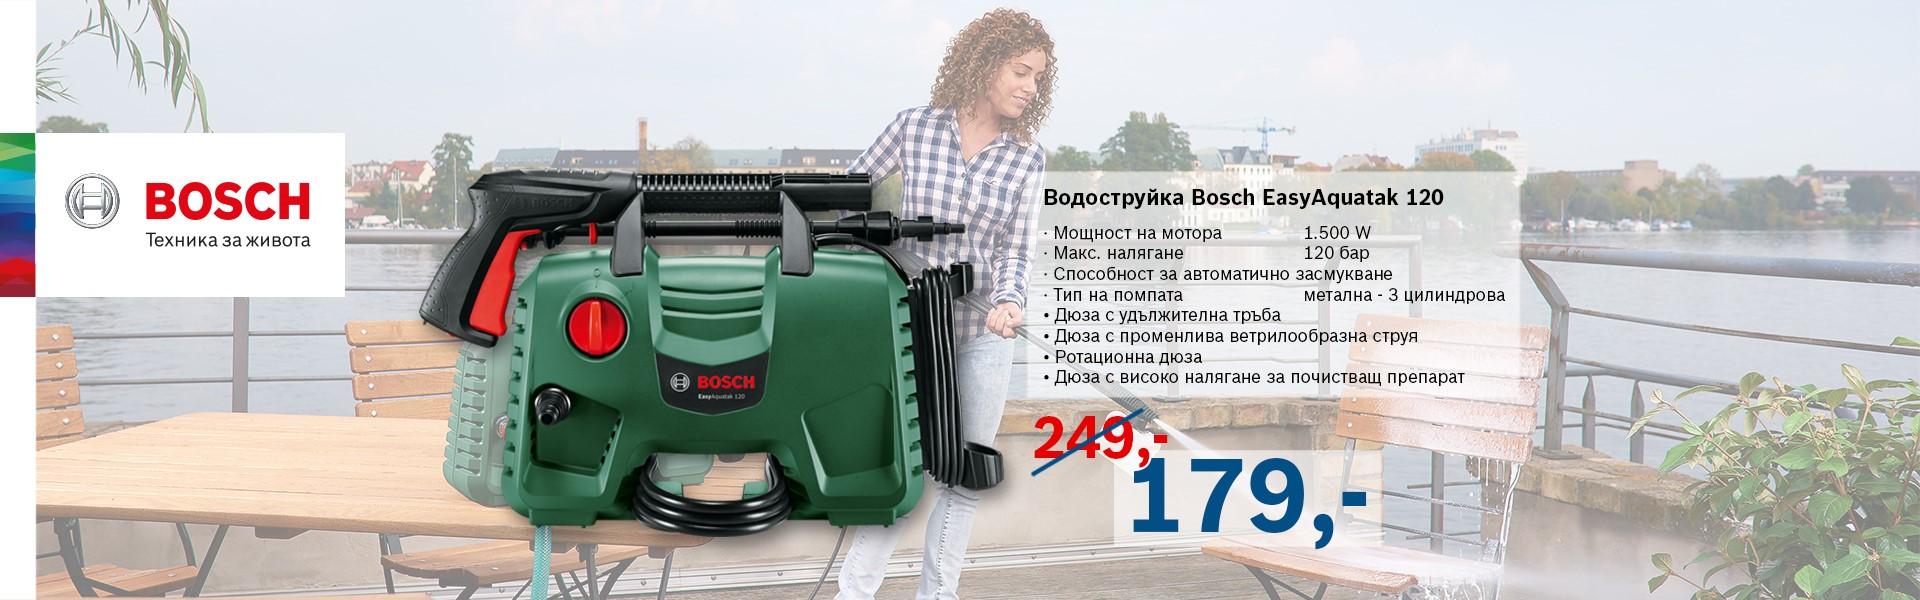 Водоструйка Easy Aquatak 120 Bosch